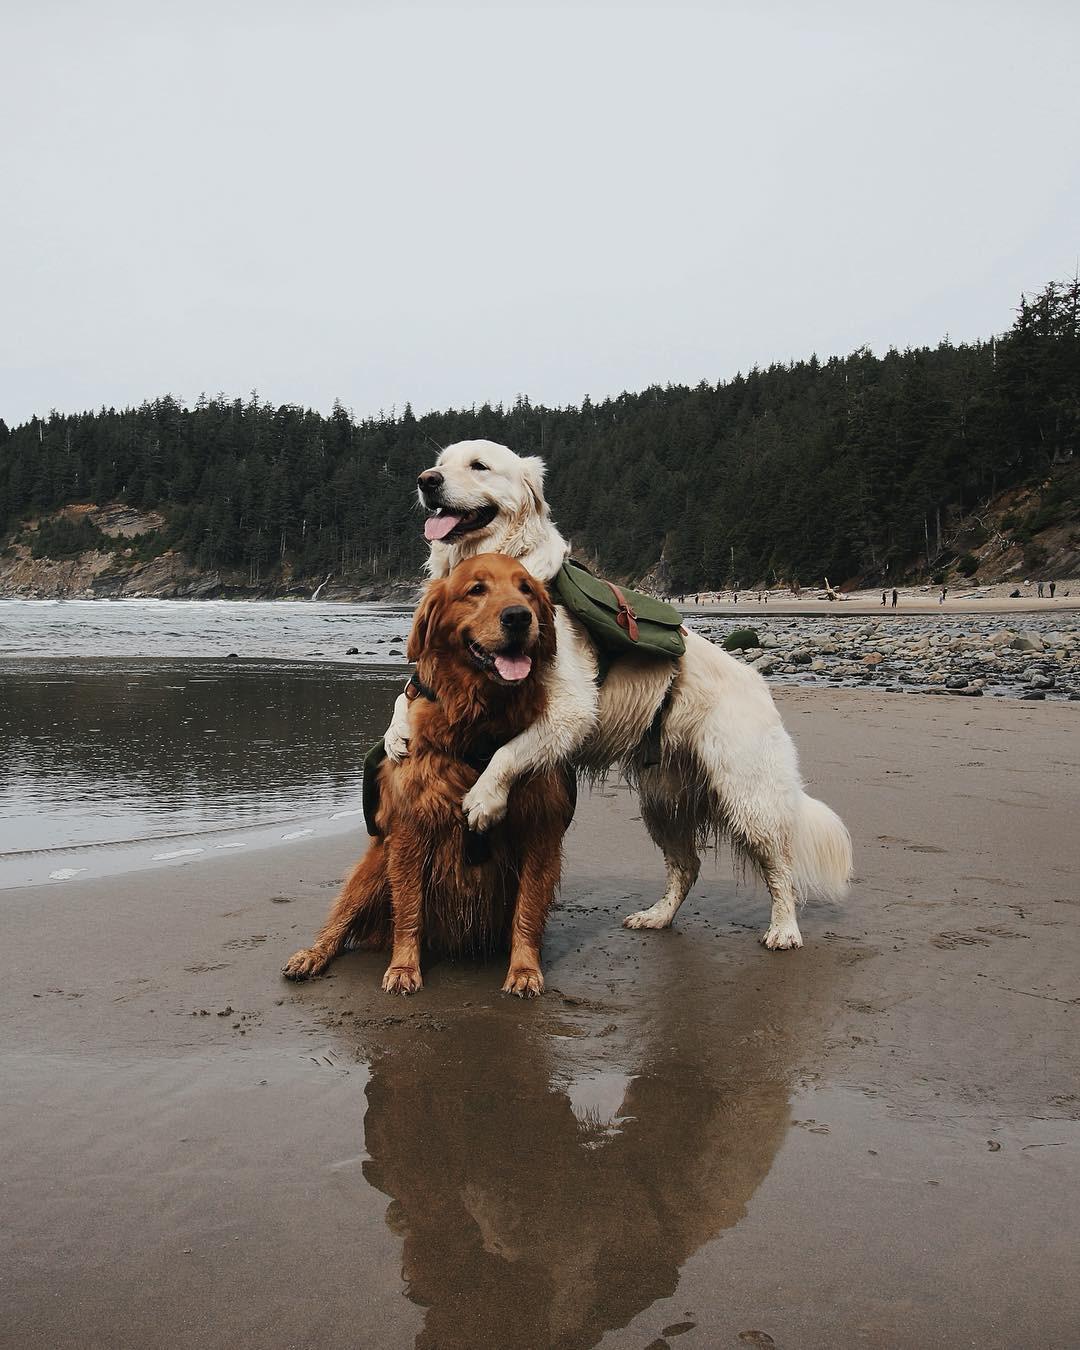 Câu chuyện cảm động của 2 chú chó lúc nào cũng dính lấy nhau như hình với bóng, sở hữu gần 500 nghìn lượt follow trên Instagram - Ảnh 4.